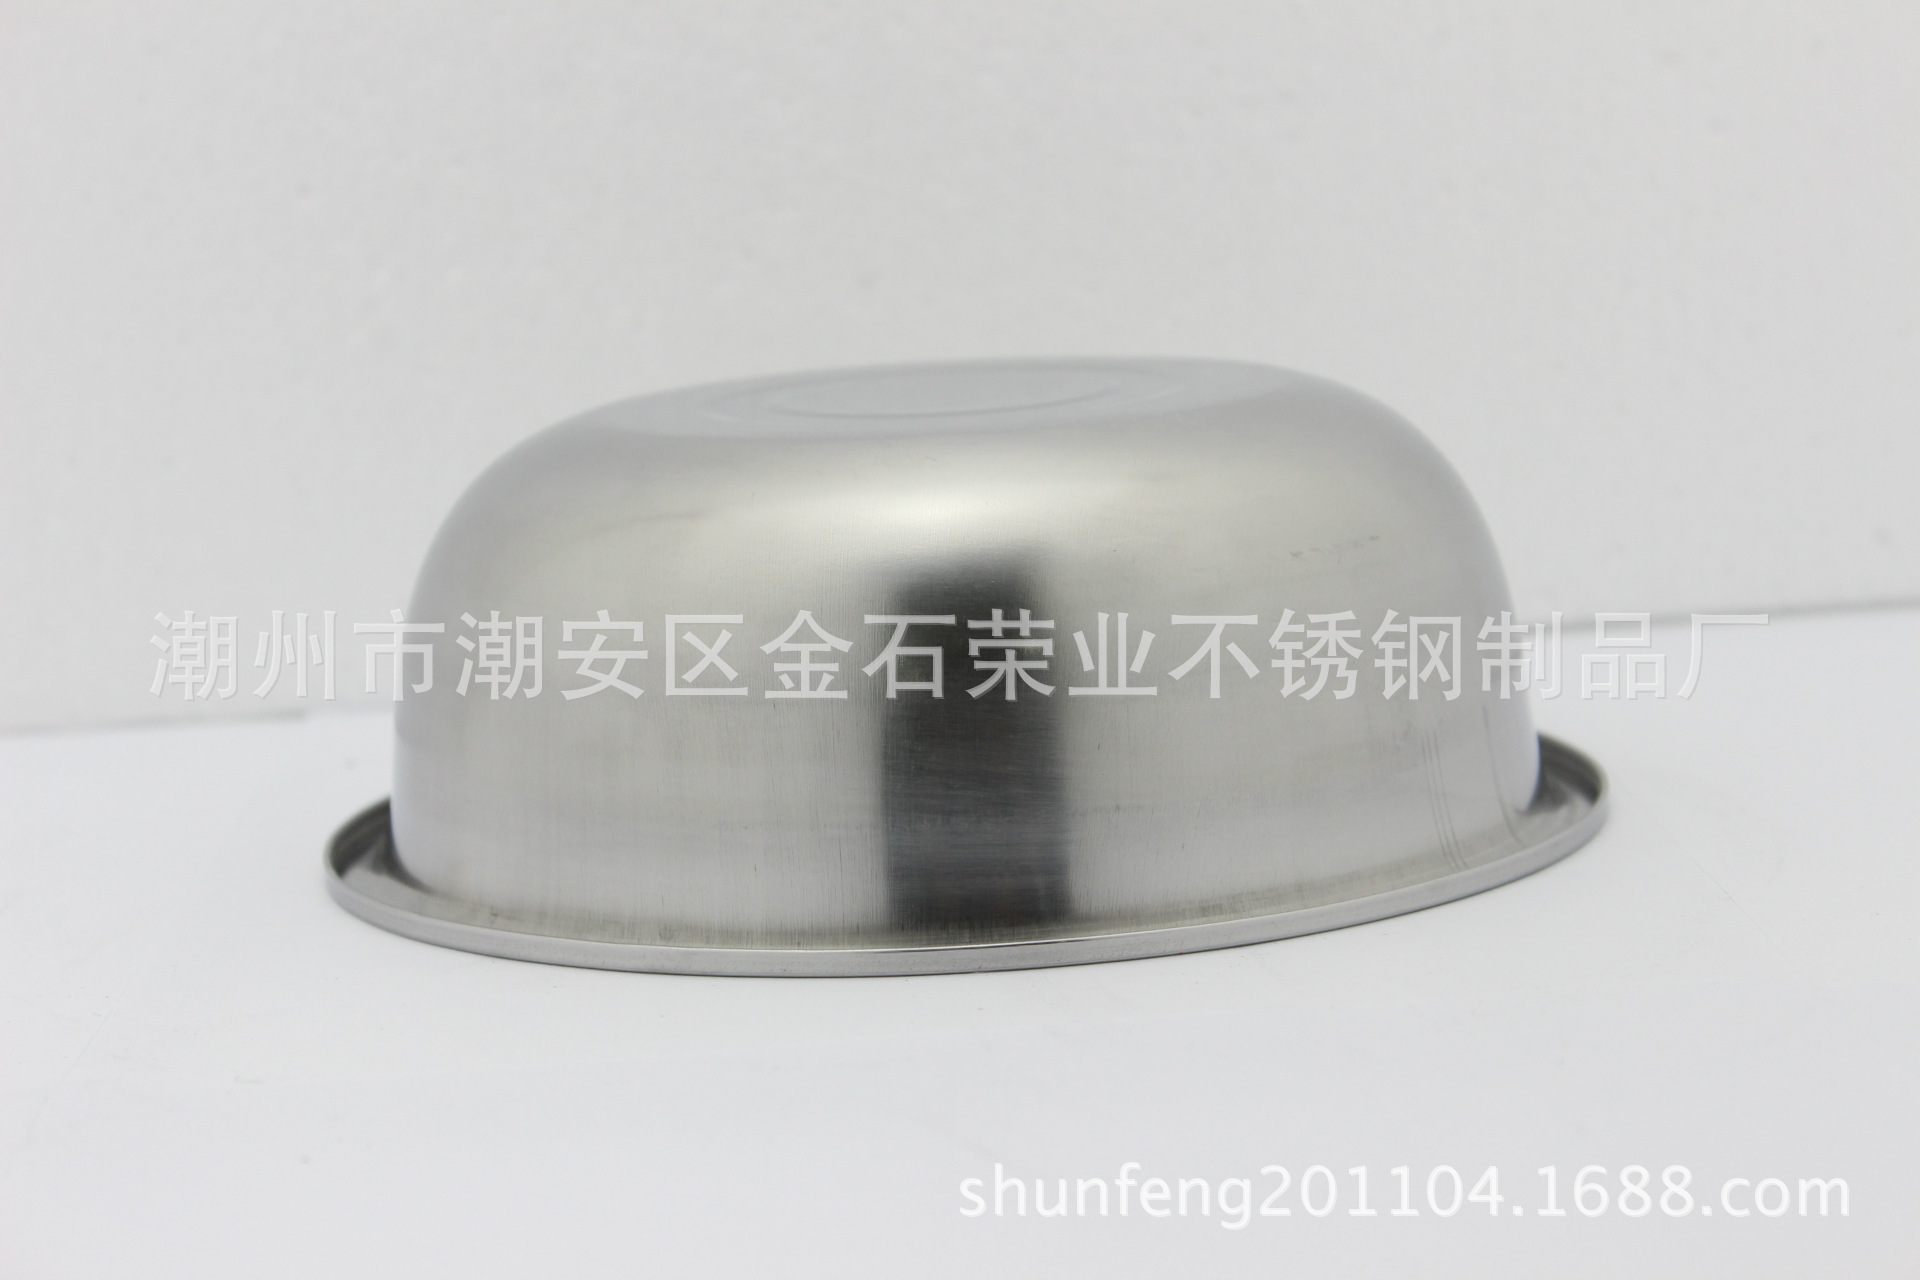 不锈钢反边调料缸 24cm不锈钢反边调料缸 多用盆 不锈钢调料缸 阿里